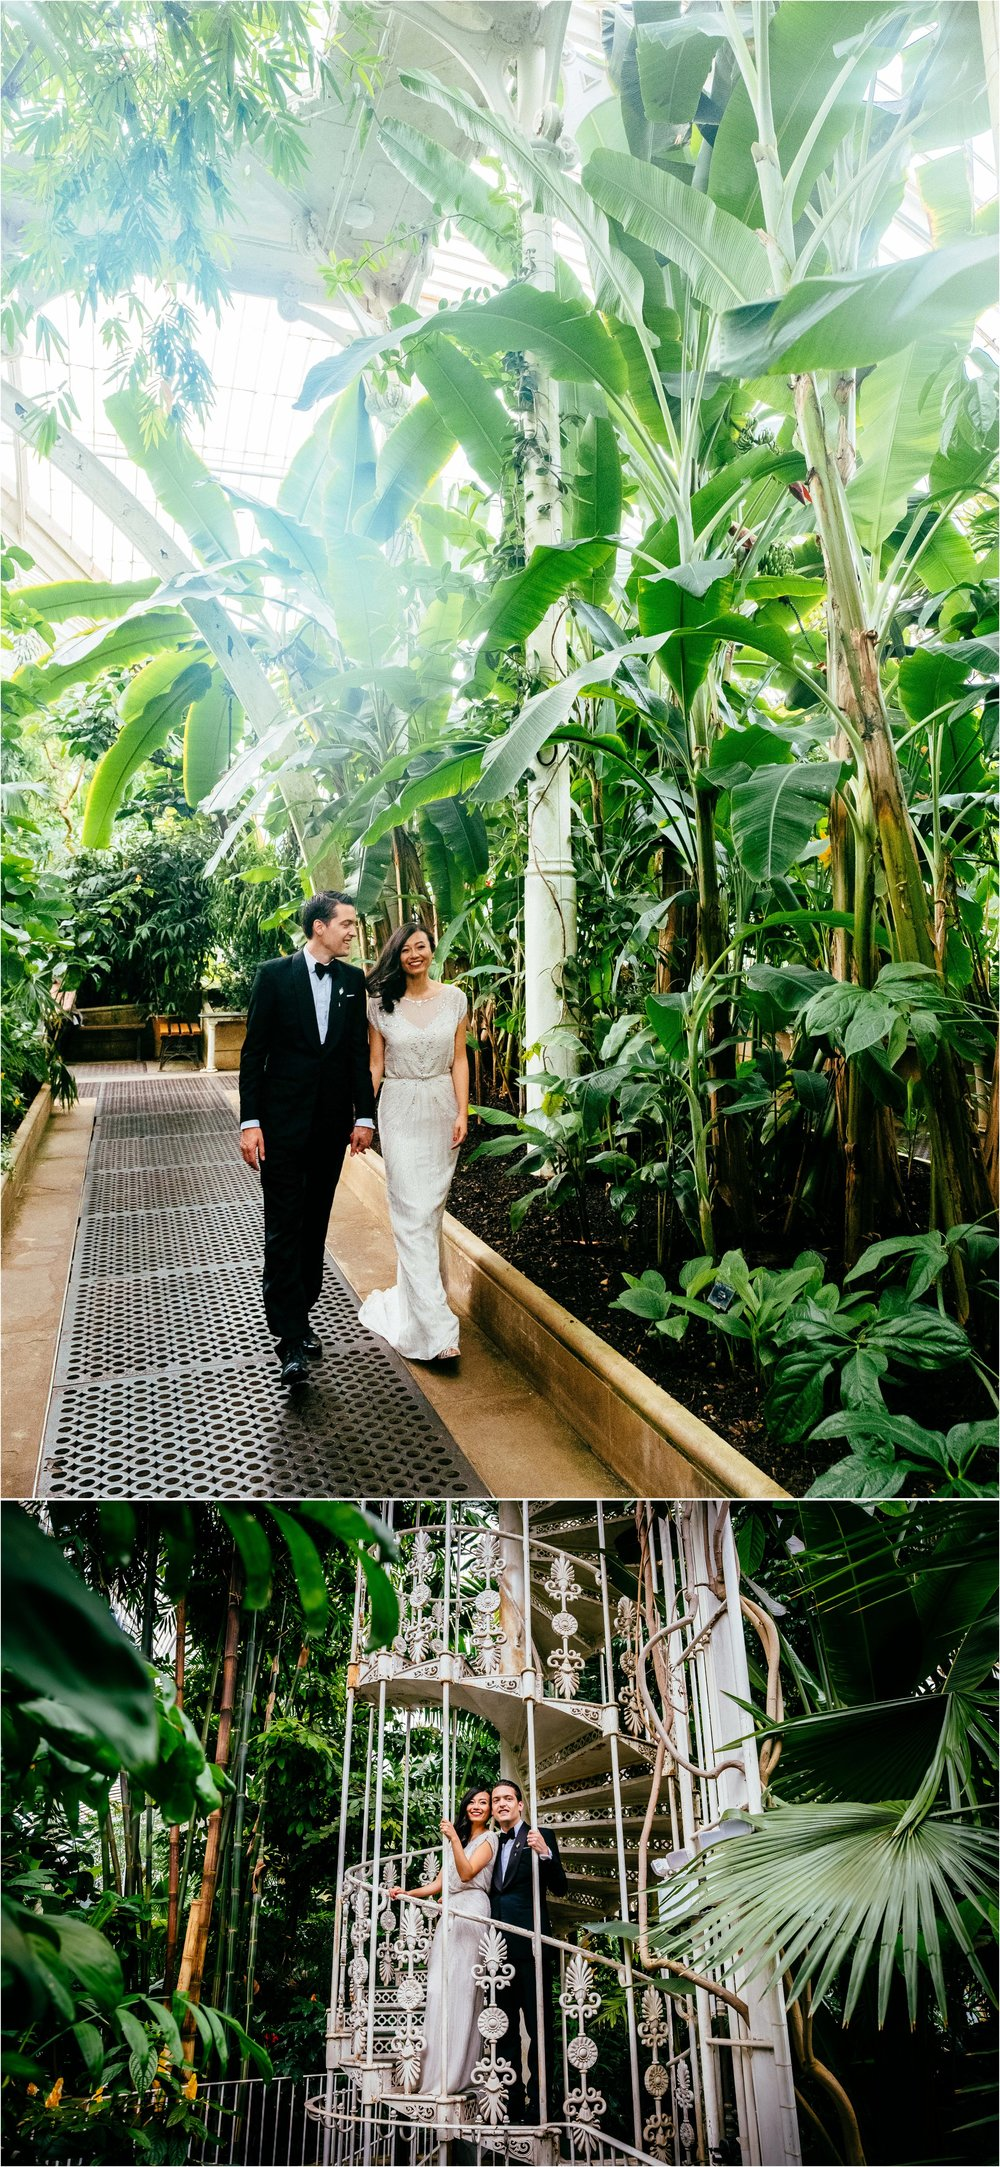 Kew Garden wedding photographer_0183.jpg